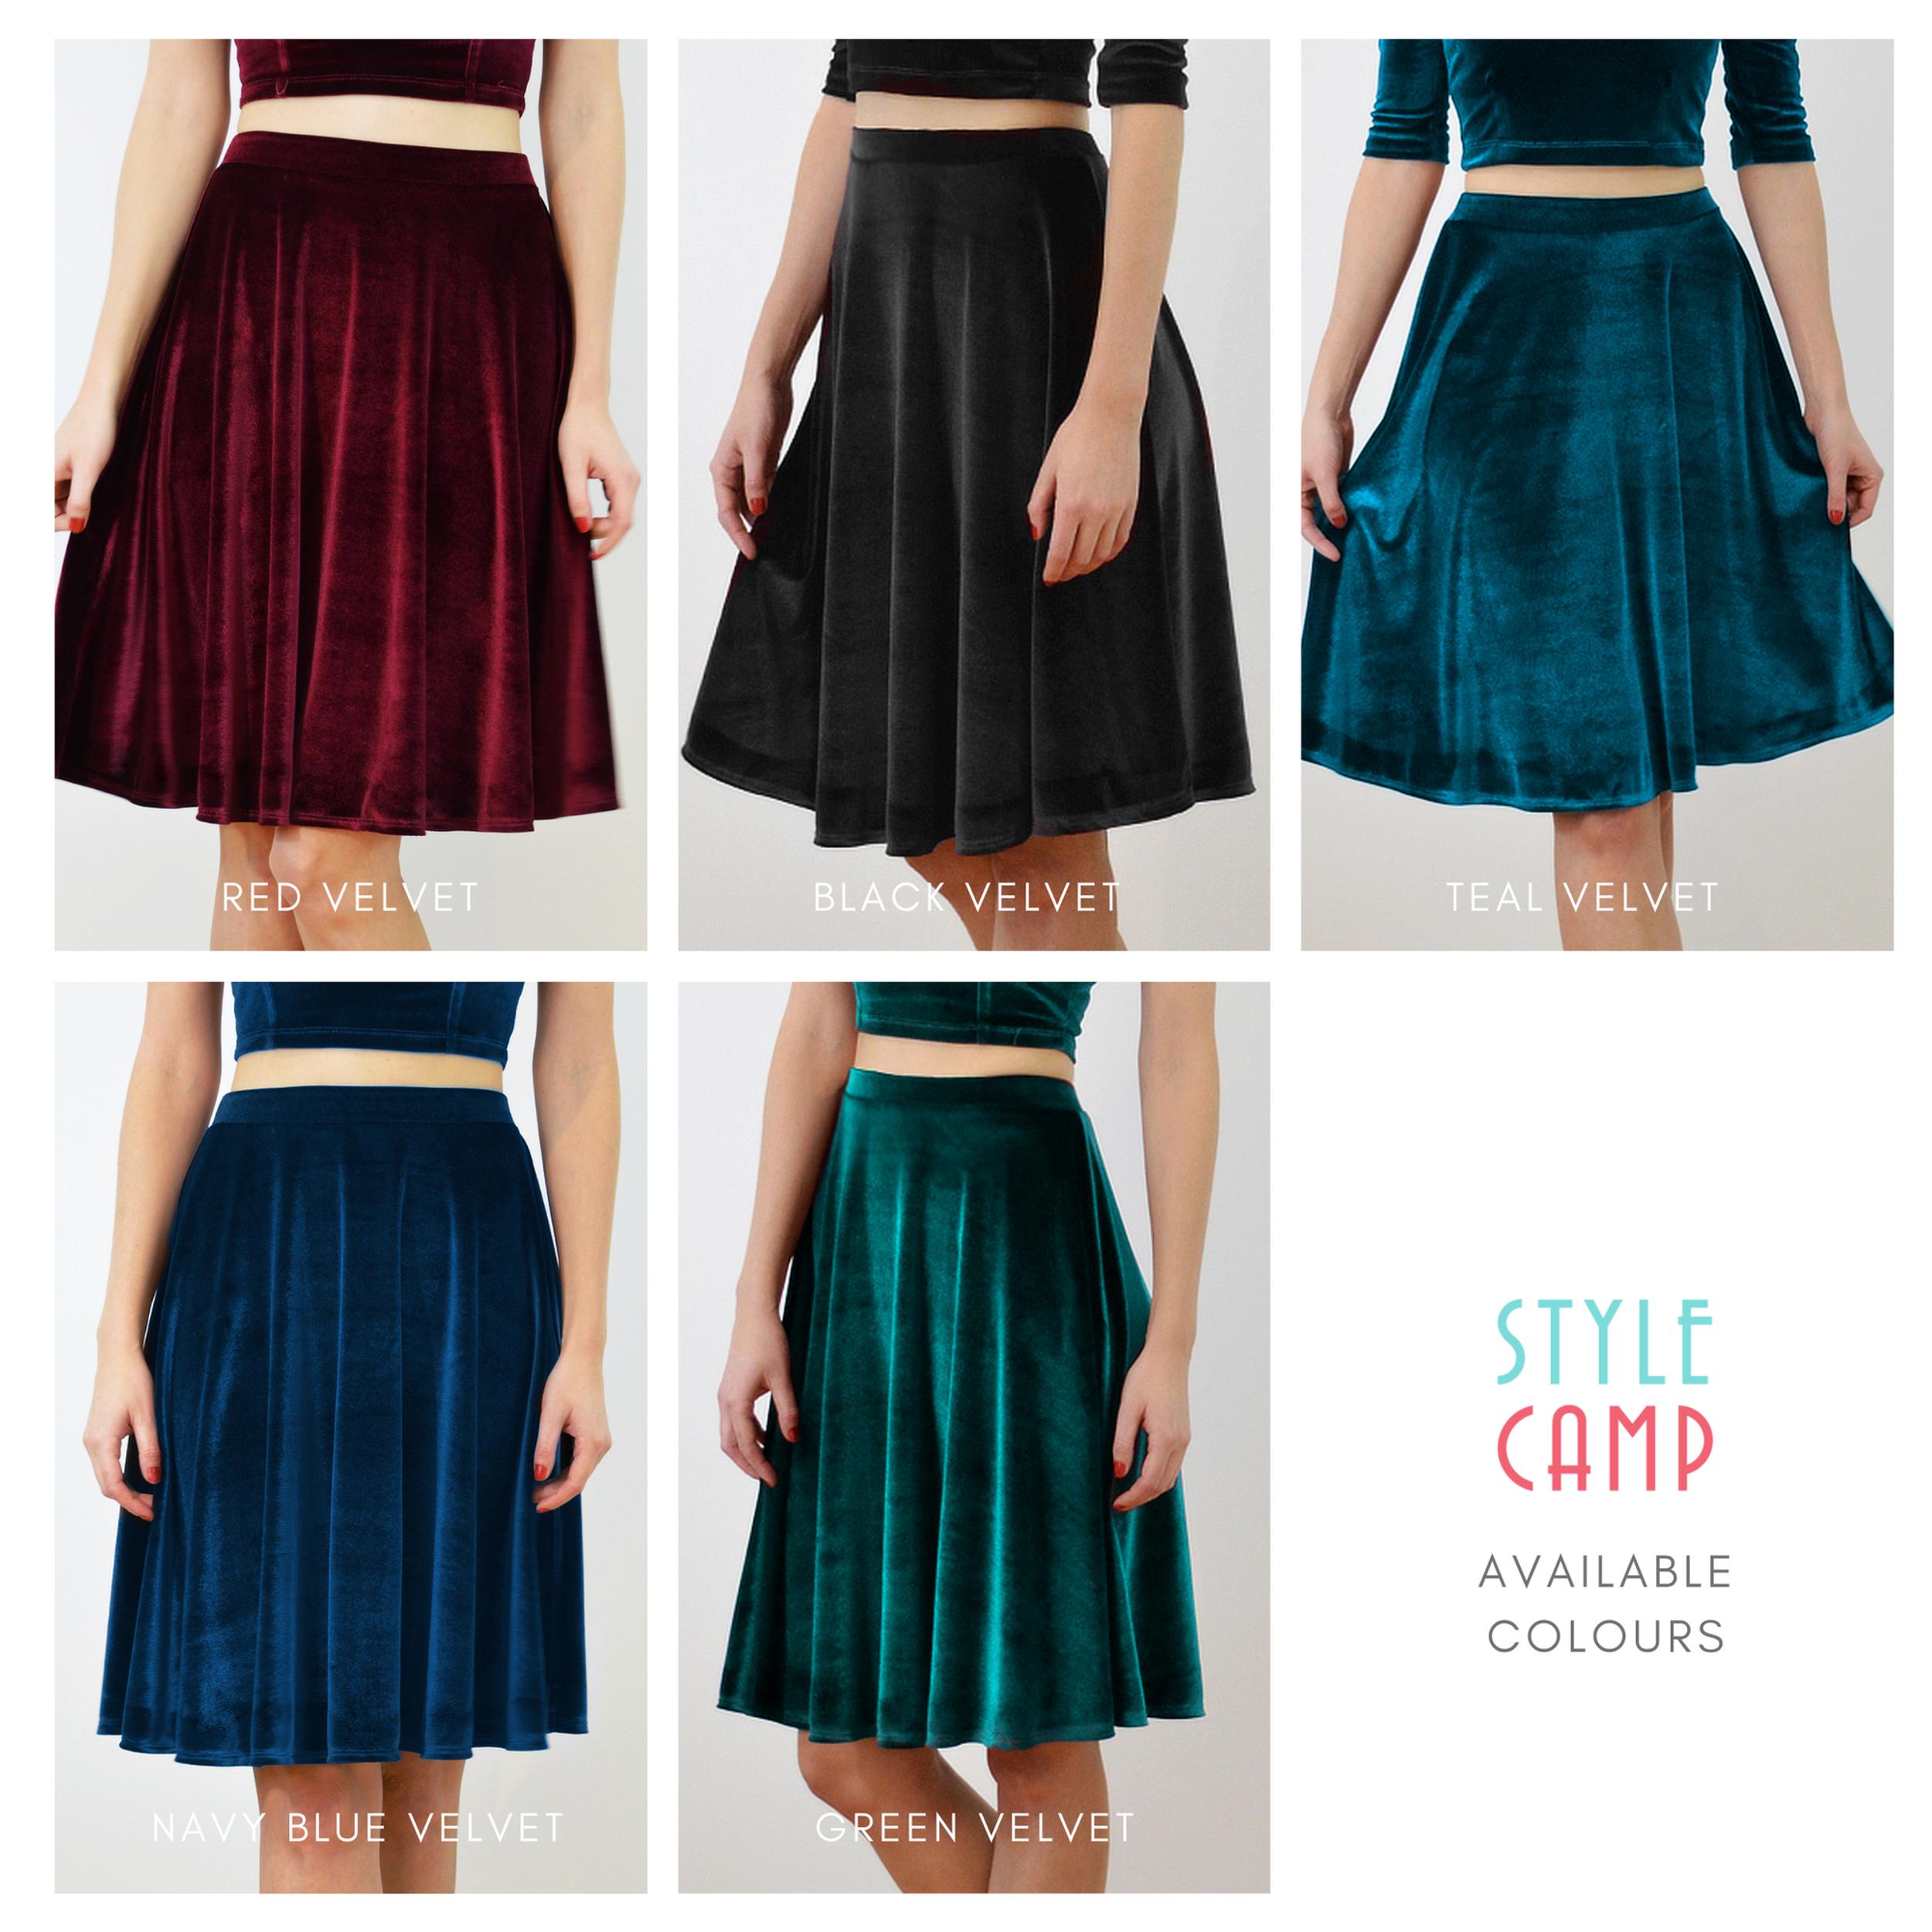 Knee Length Flared Velvet Skirt In Teal Blue Velvet